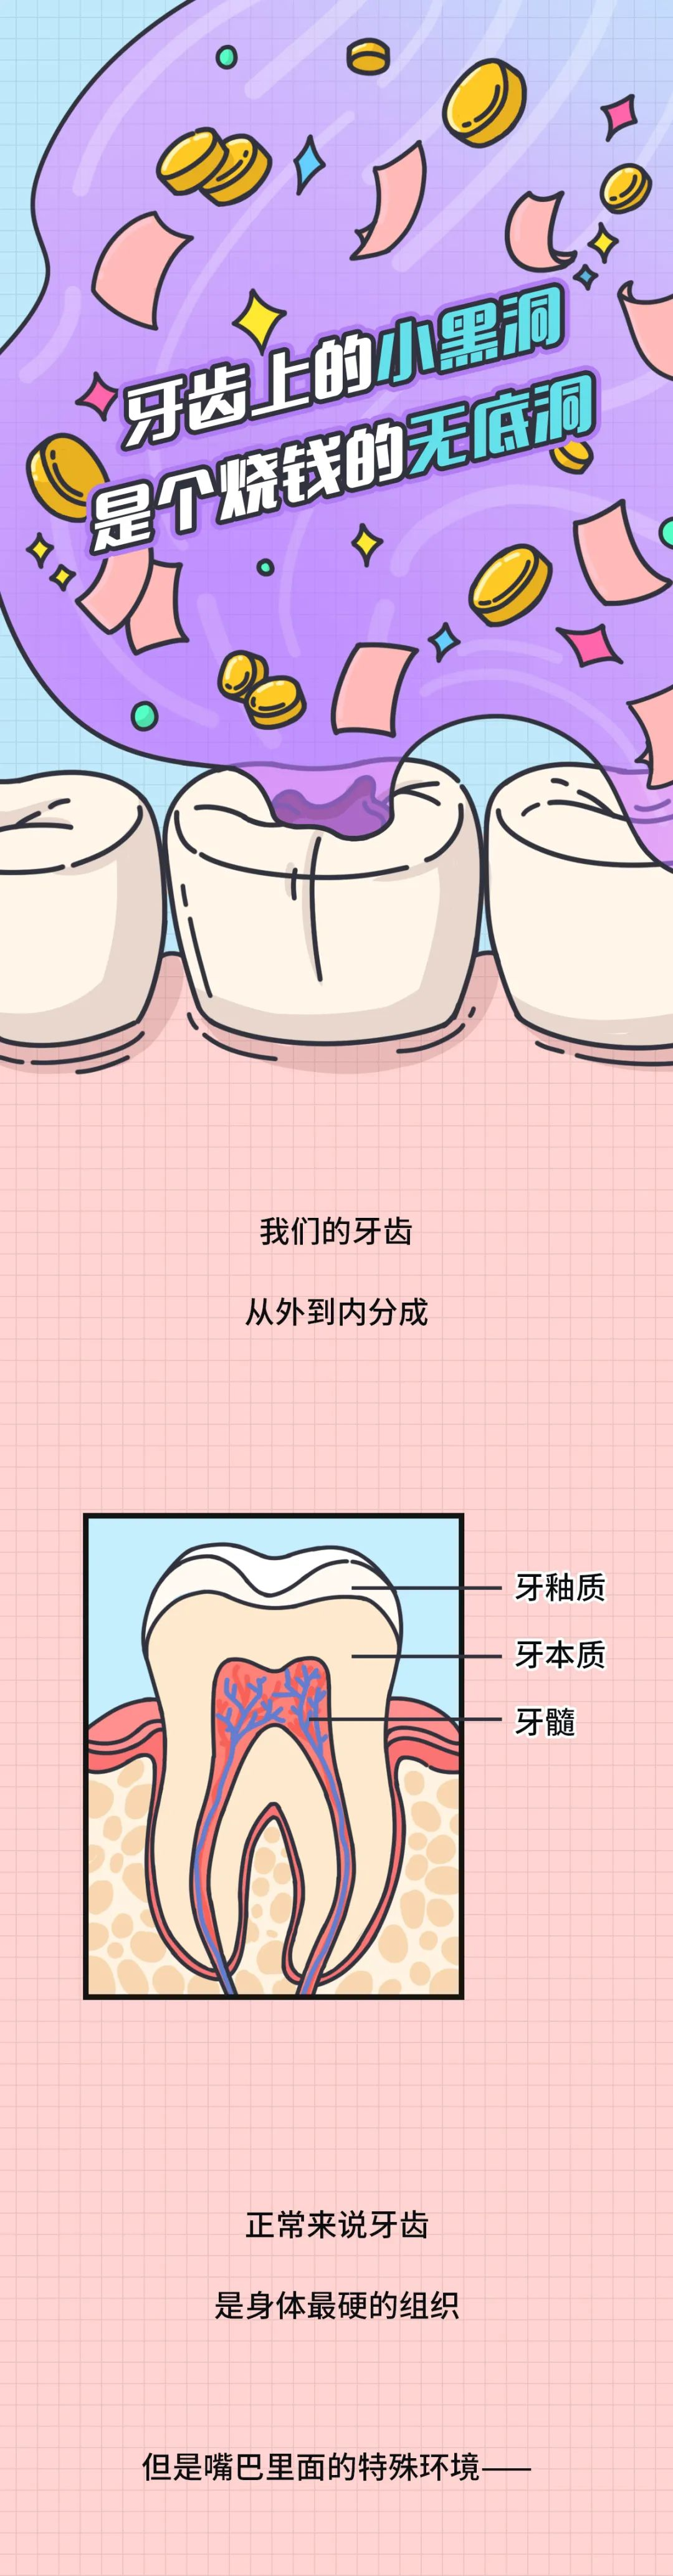 大部分中国人都有的口腔问题,越早治疗越省钱!